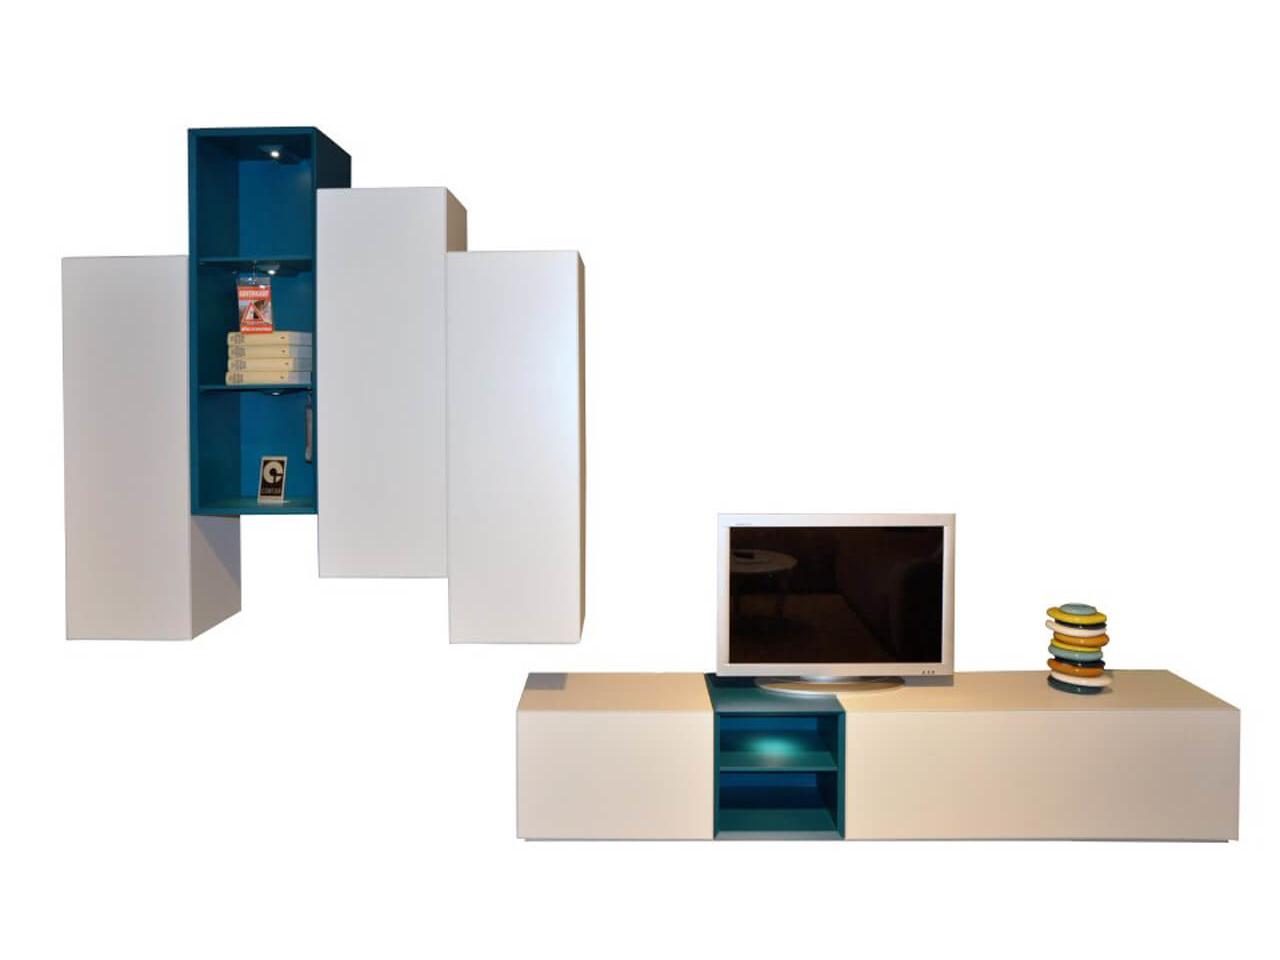 Wohnand Contur 5600 in weiß mit Absetzungen in blau - bestehend aus TV-Lowboard und Hängeschränken - Ausstellungsstück im Abverkauf